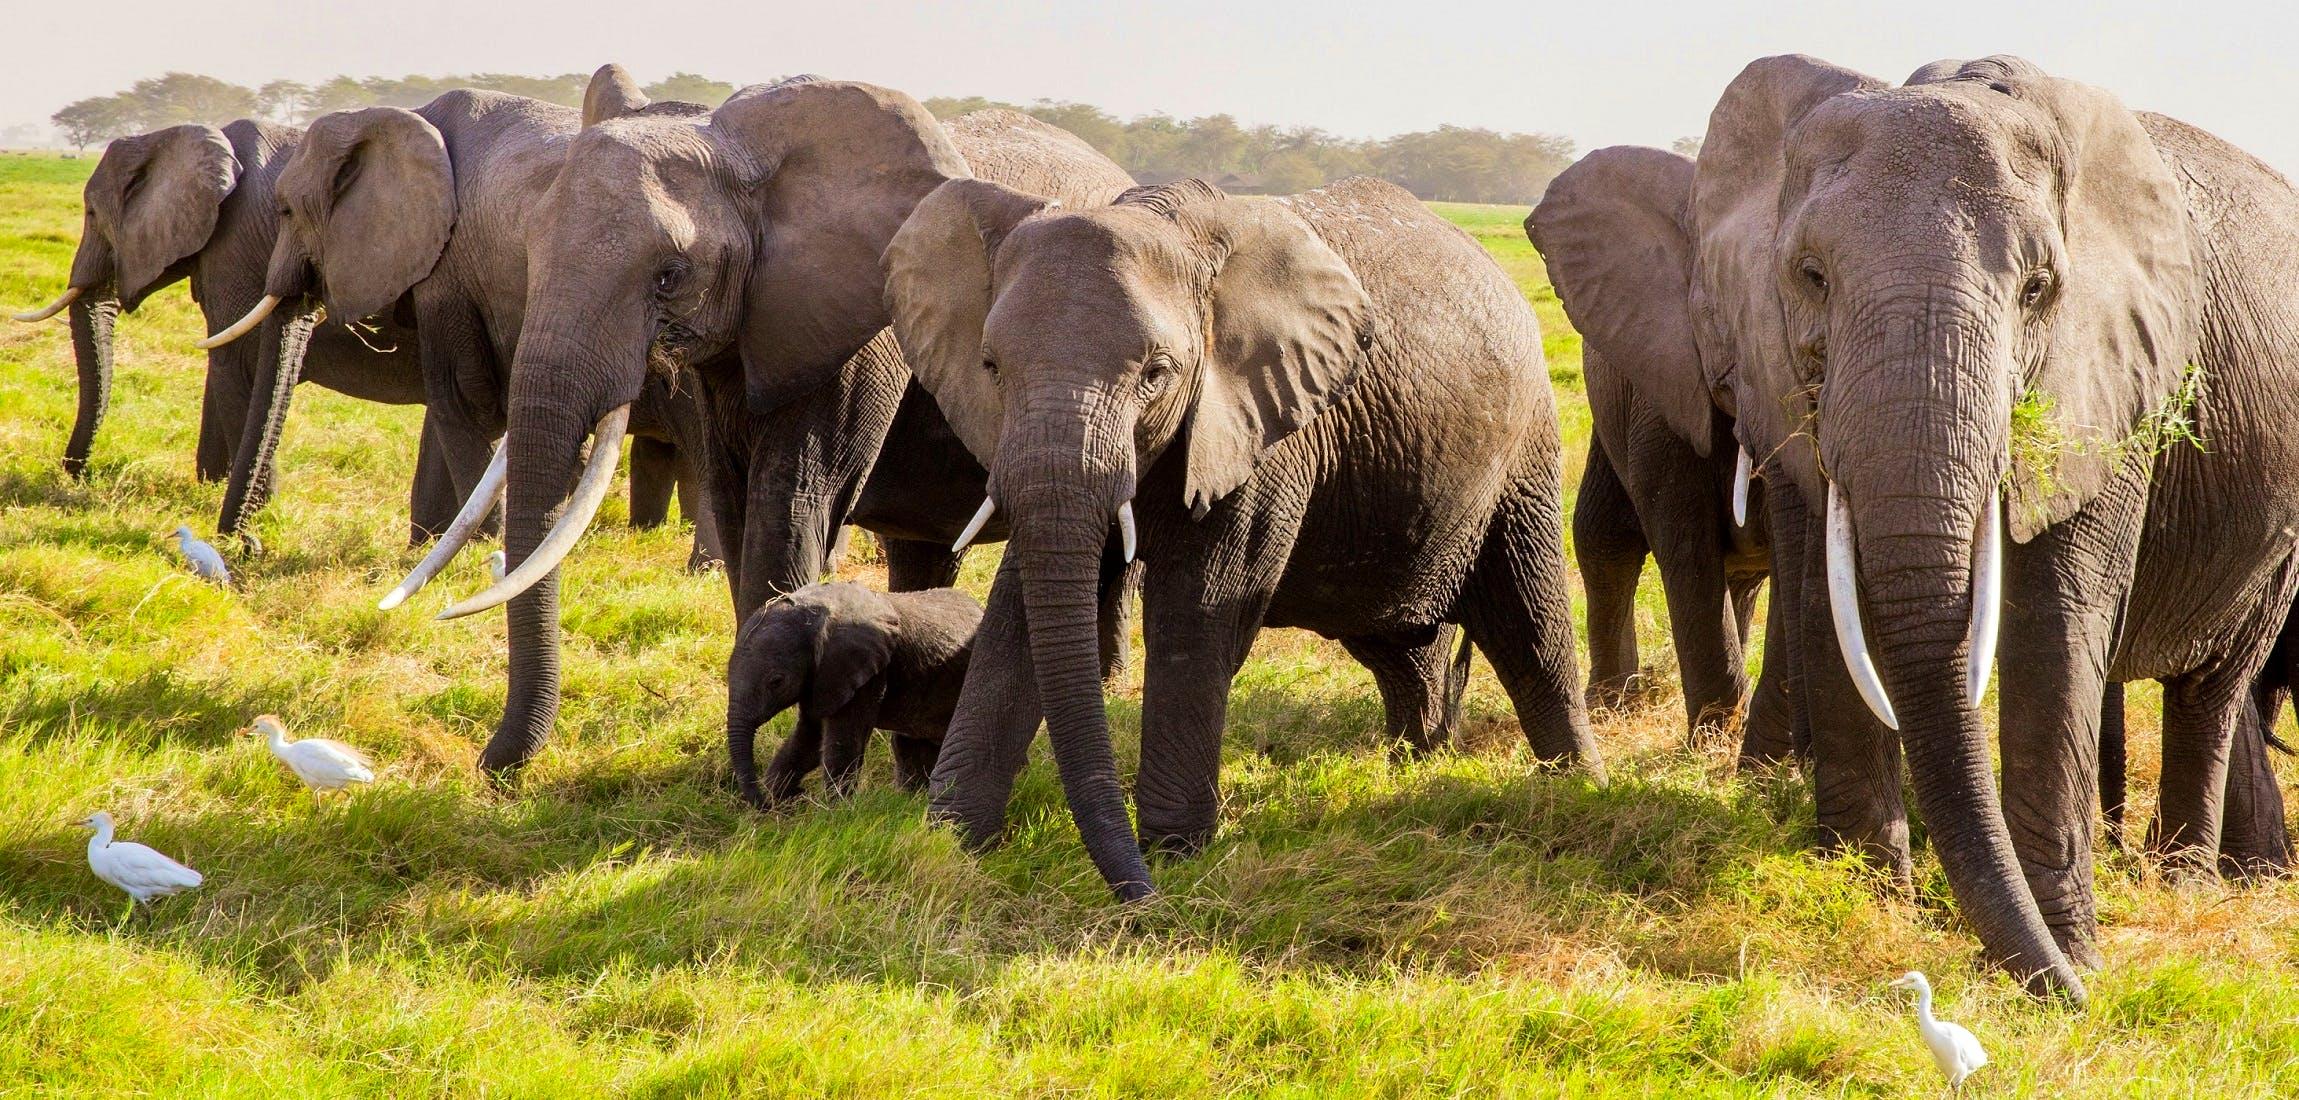 Bildresultat för elephants